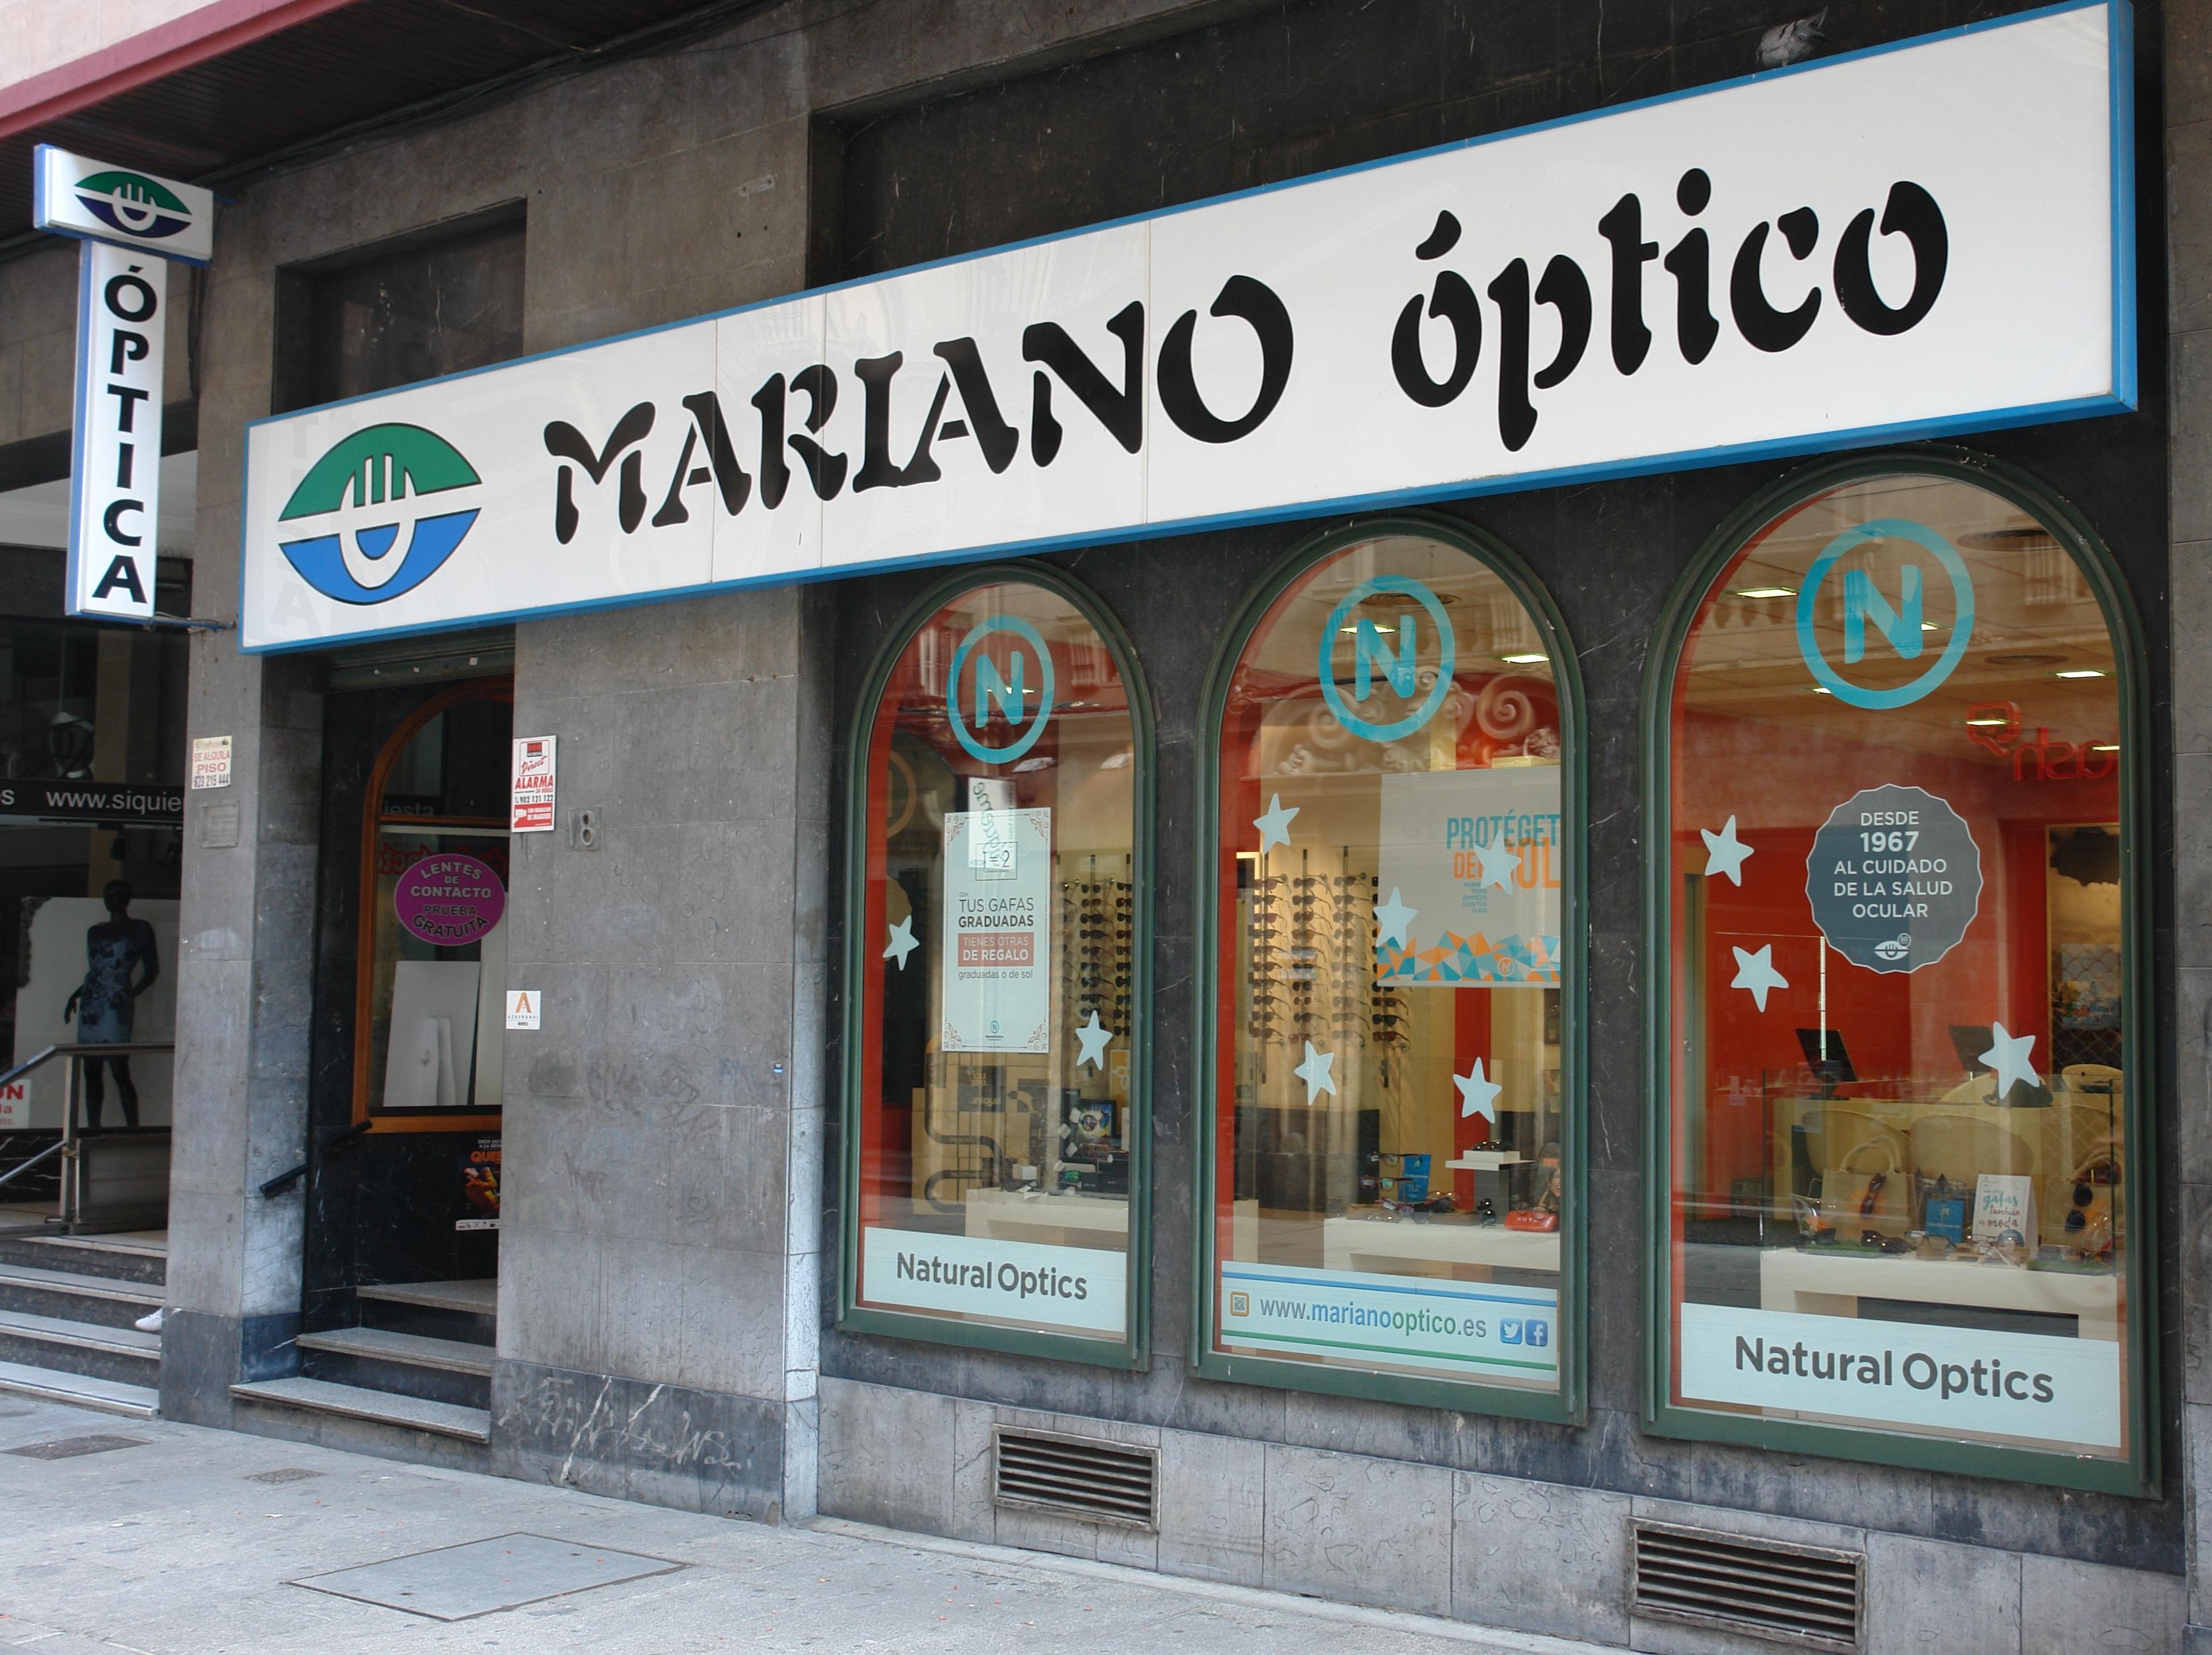 Mariano Óptico